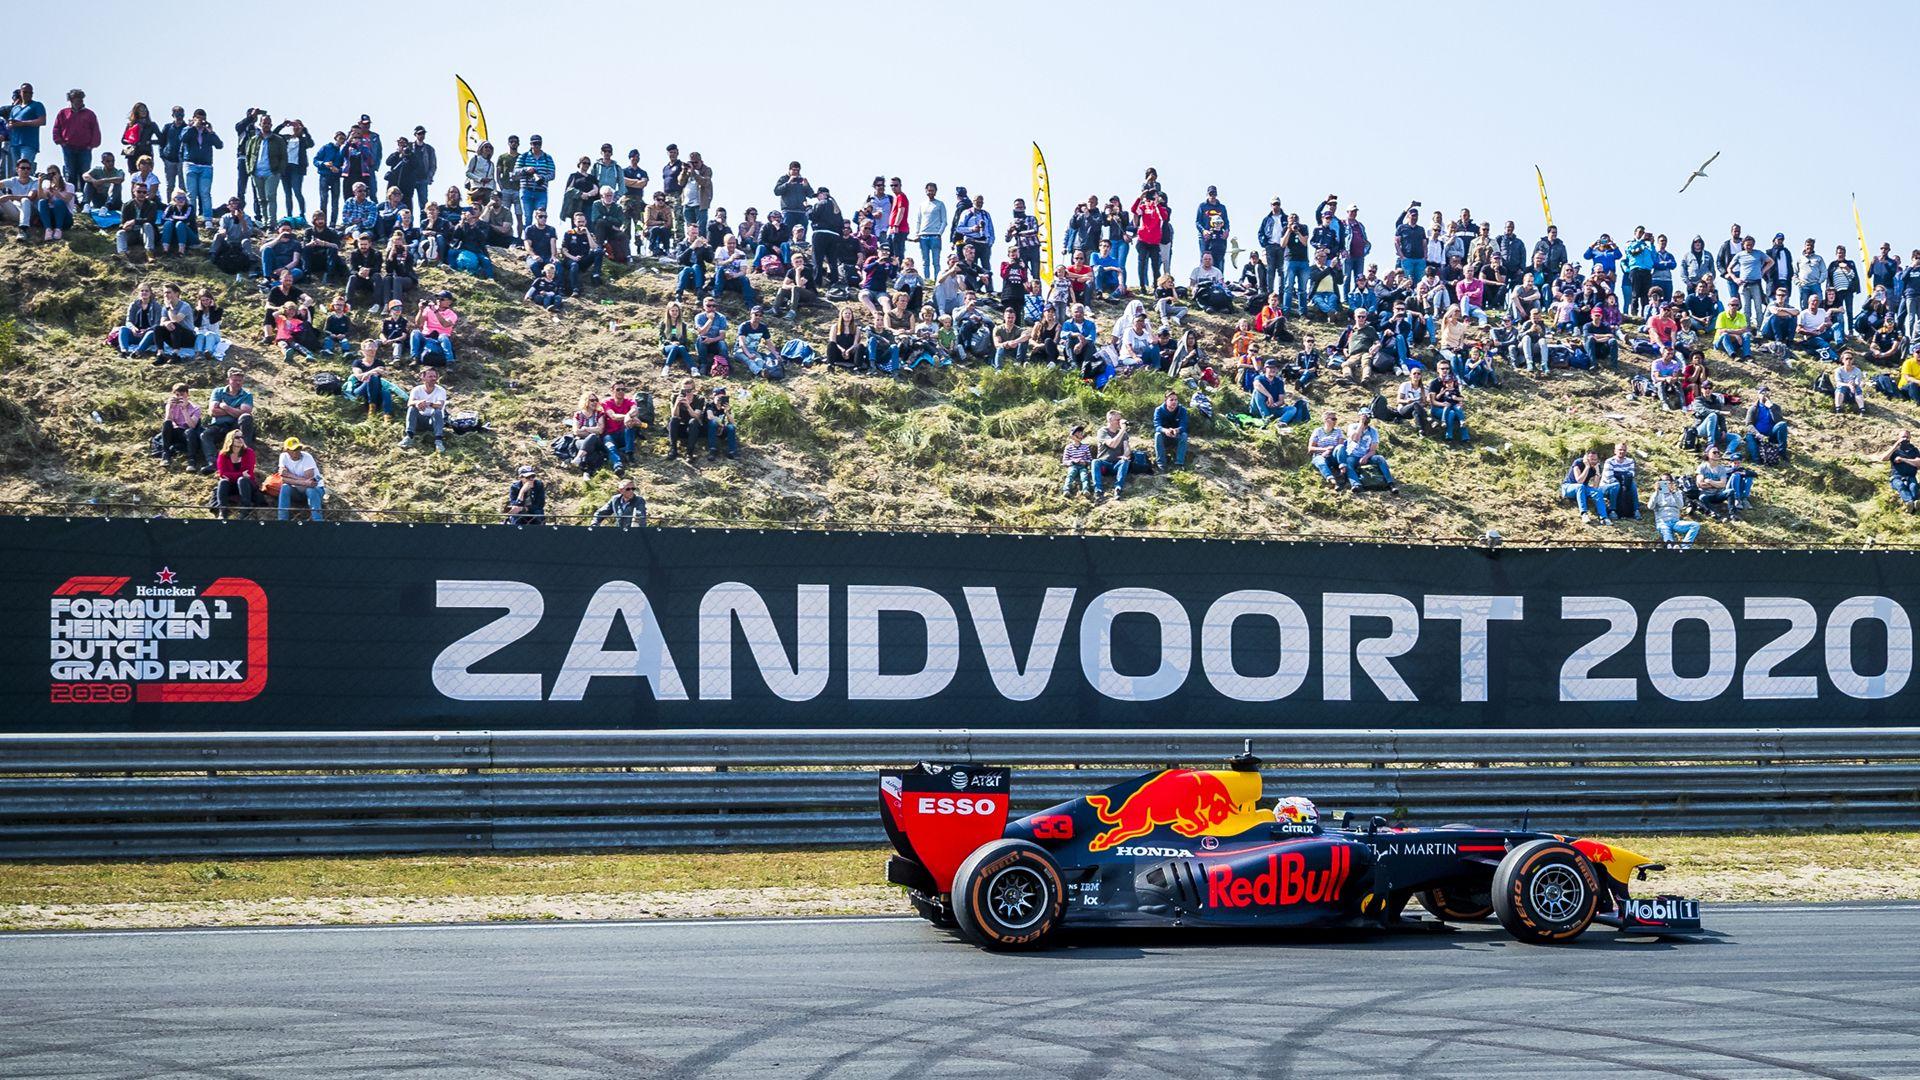 """""""Formula 1"""" üzrə Niderland Qran-prisi təxirə salındı - RƏSMİ"""